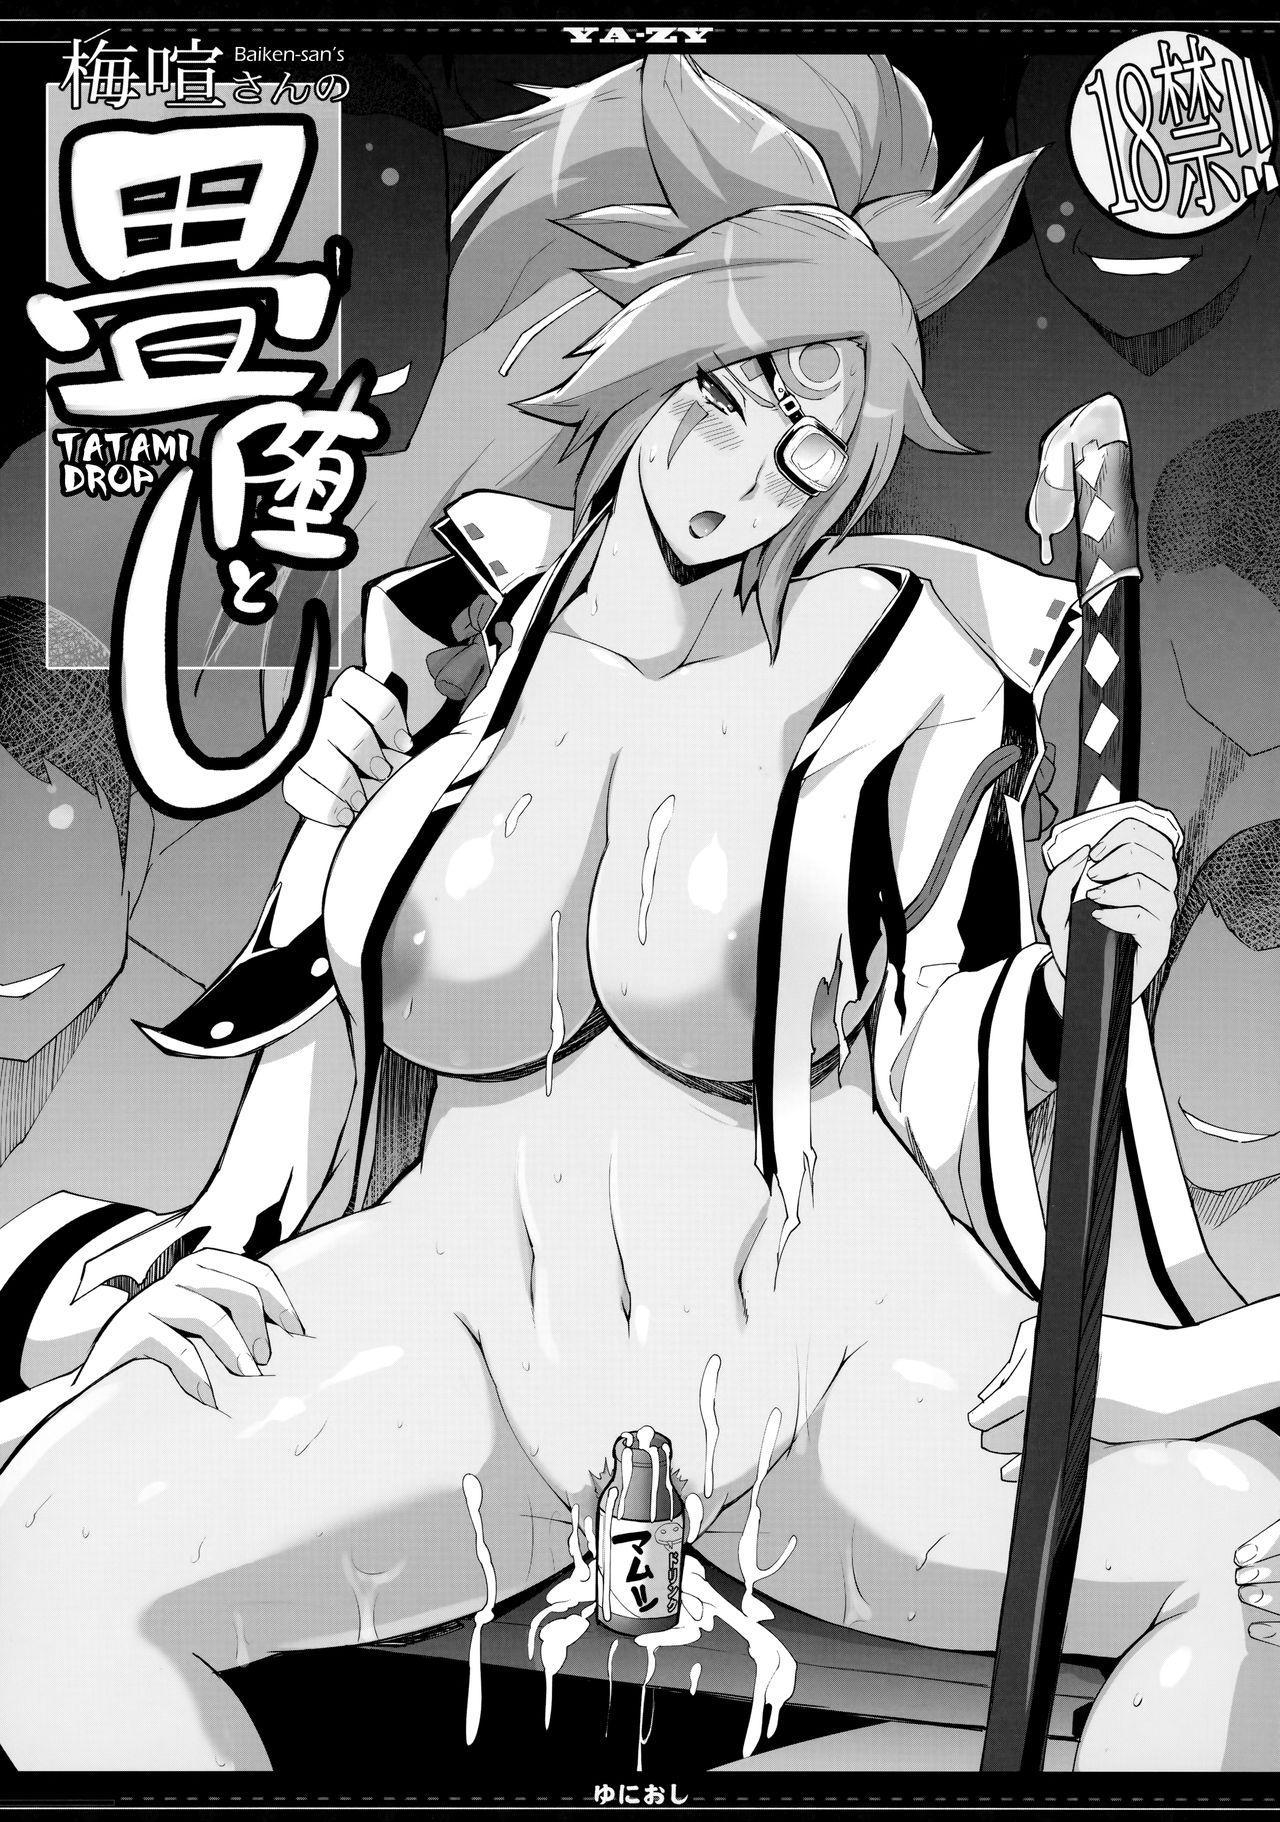 (C92) [YA-ZY (Yunioshi)] Baiken-san no Tatami Otoshi | Baiken-san's Tatami Drop  (Guilty Gear) [English] {biribiri} 0